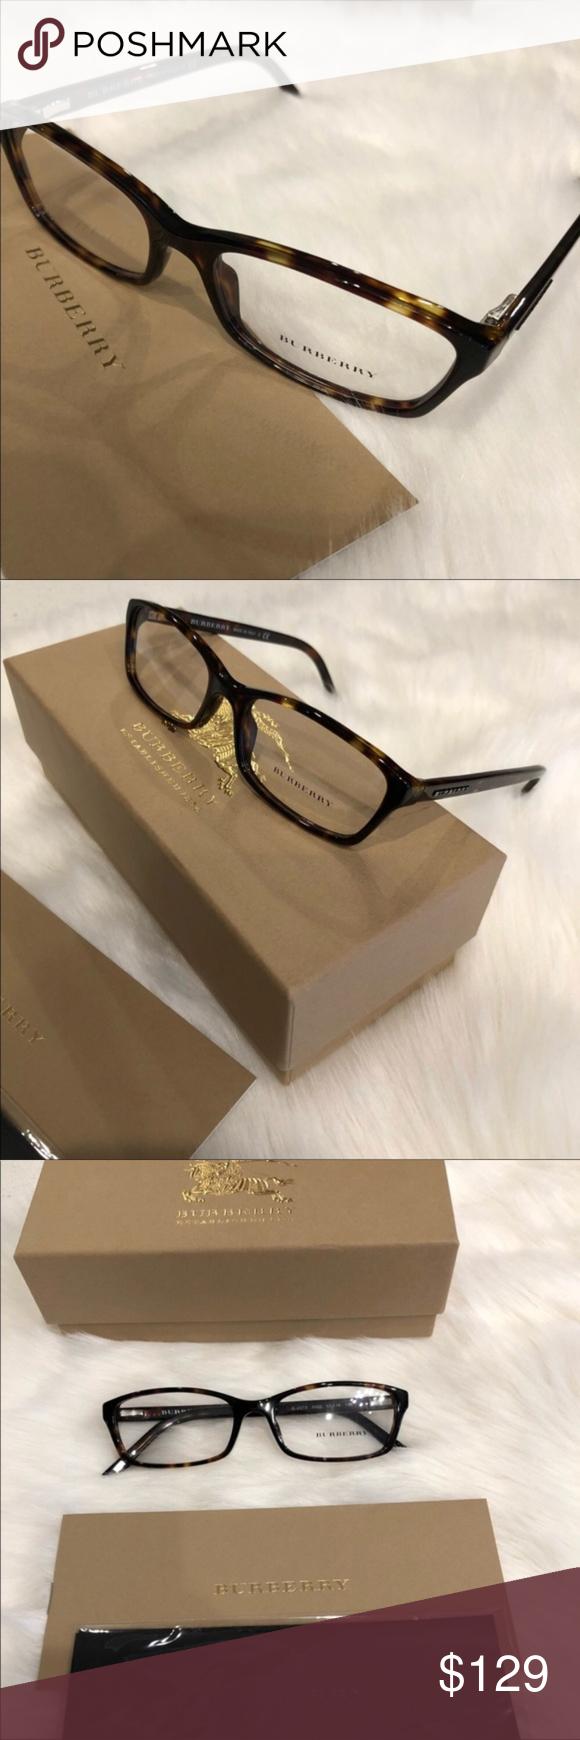 084717d18 Burberry eyeglasses Burberry B2073 3002 Women's Tortoise Cat's Eye RX  Eyeglasses Frames 53/16 135 - Havana frames with demo lenses 100% new and  authentic.